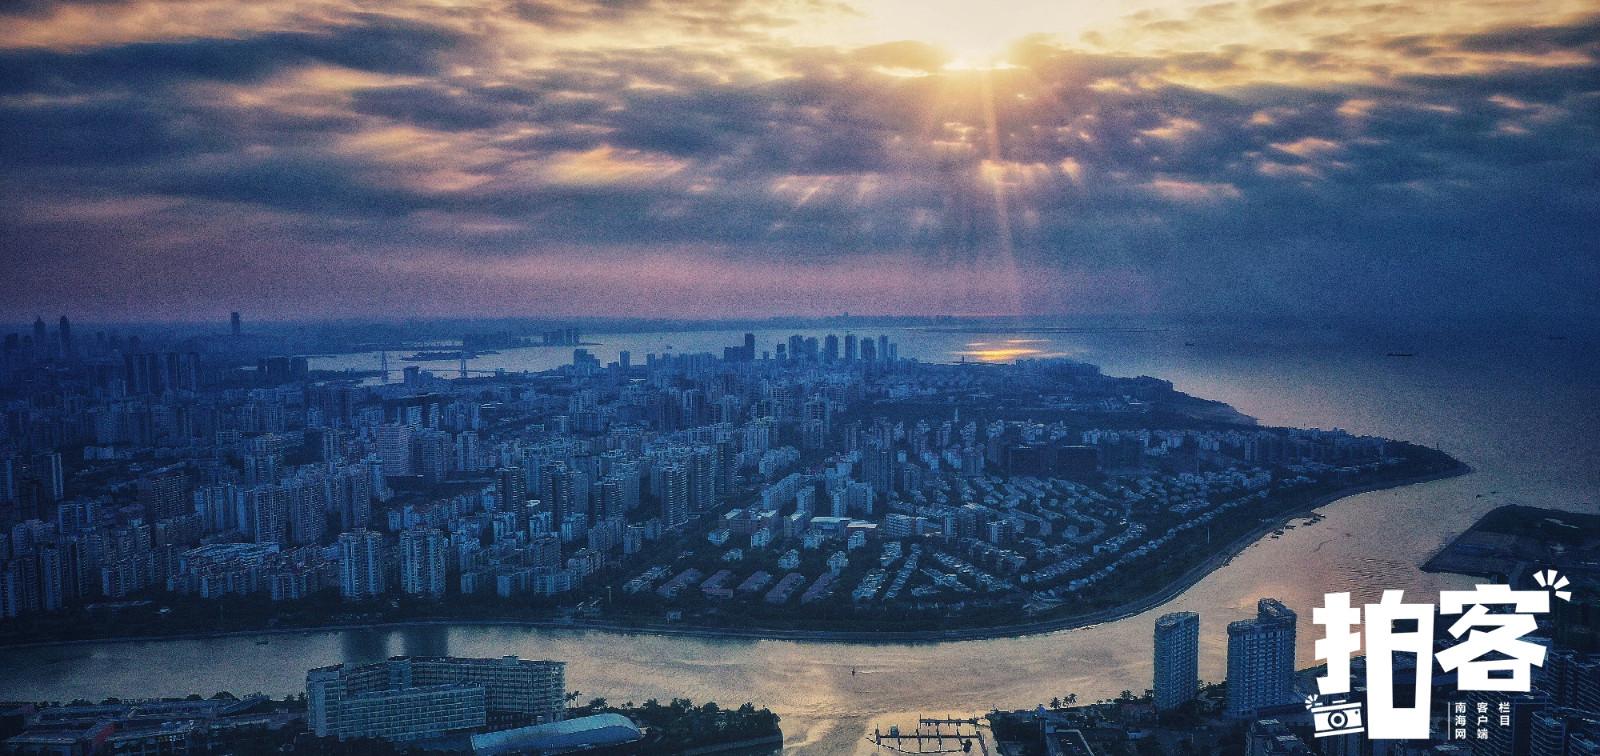 海甸岛的风景.南海网客户端拍客专栏摄影师 王聘钊/摄